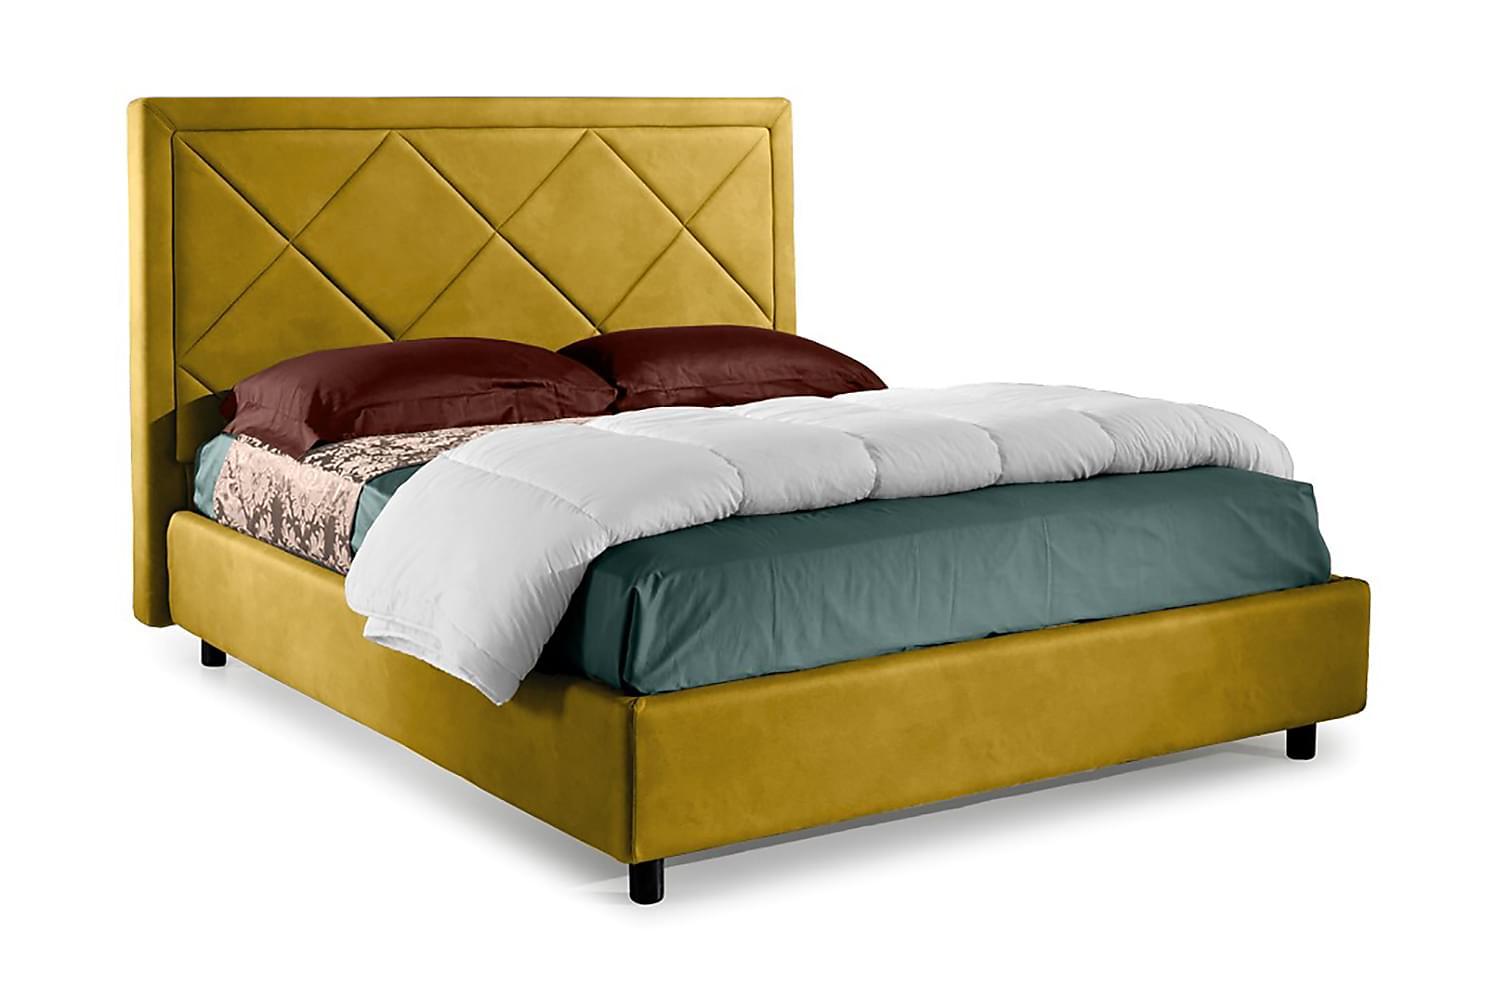 CAMARILLOS Förvaringssäng 172x214 cm Gul, Sängar med förvaring